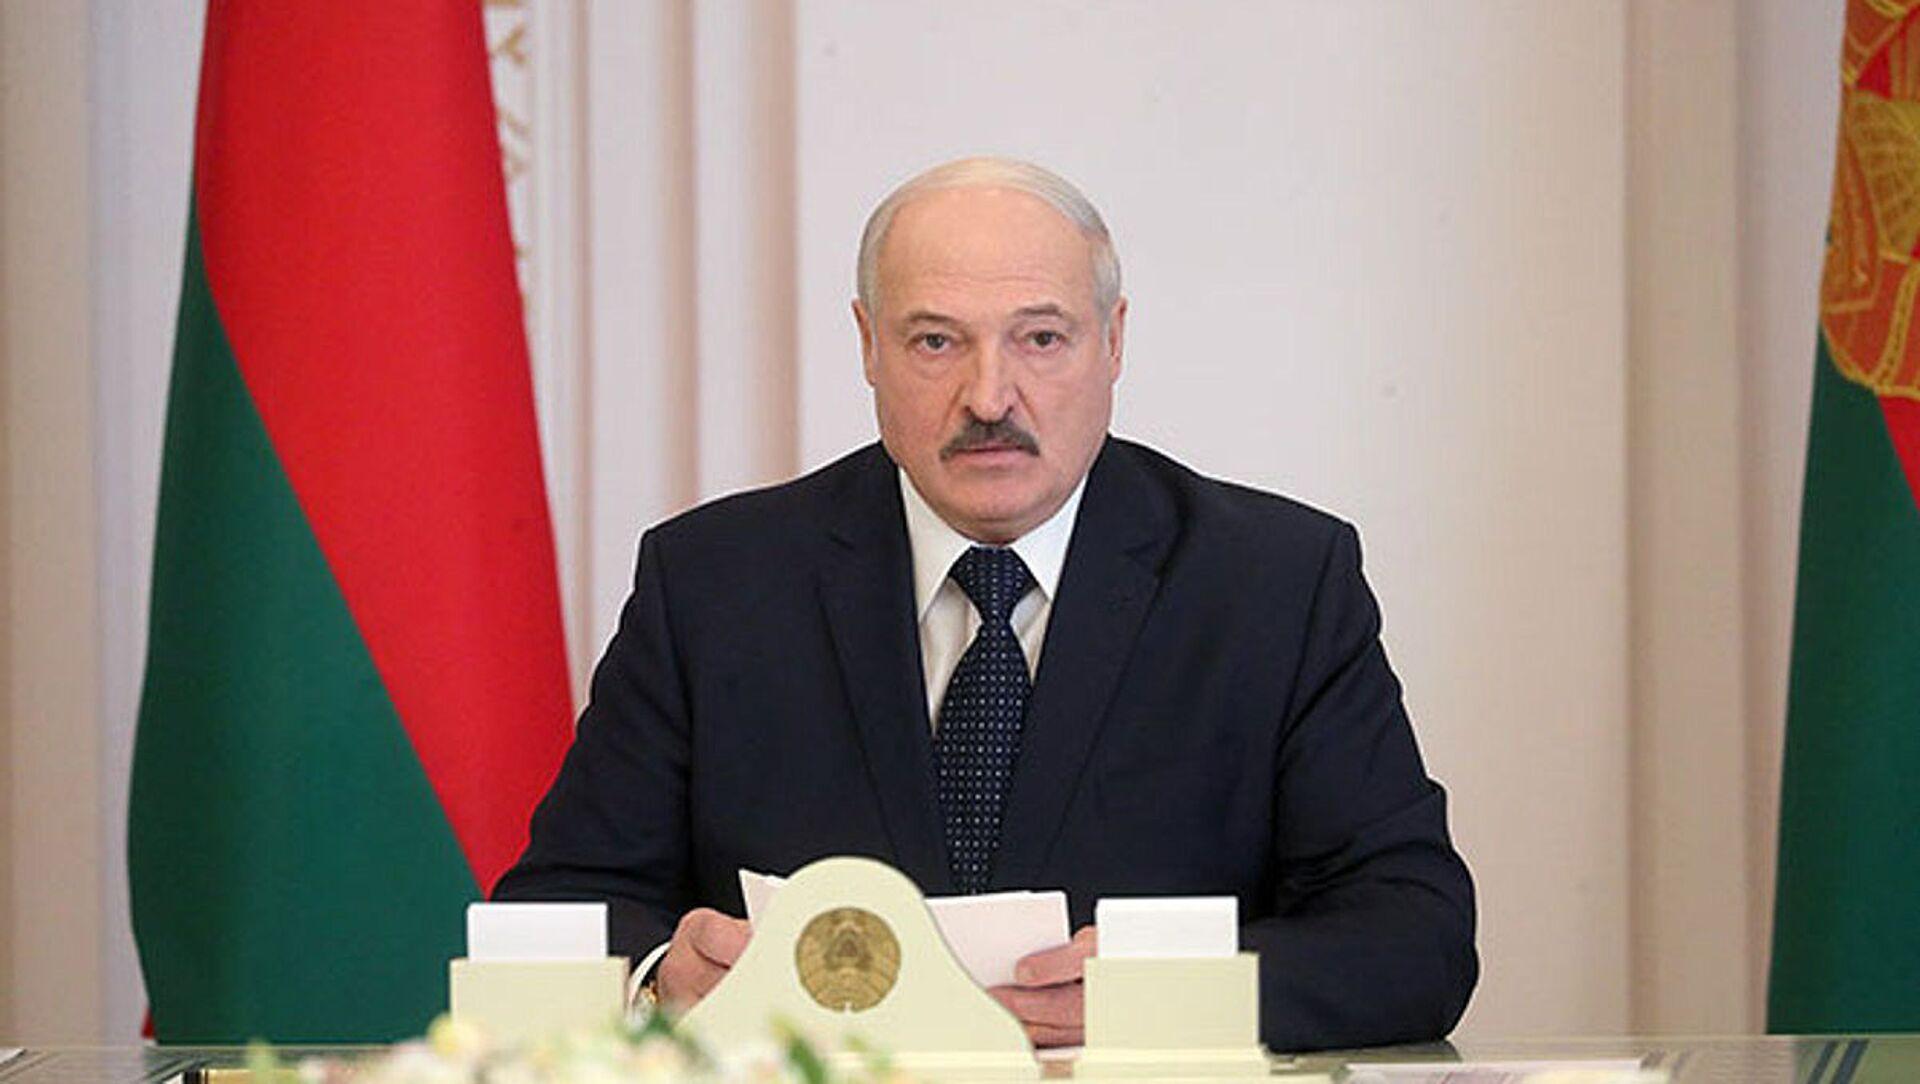 Prezydent Białorusi Alaksandr Łukaszenka - Sputnik Polska, 1920, 30.03.2021